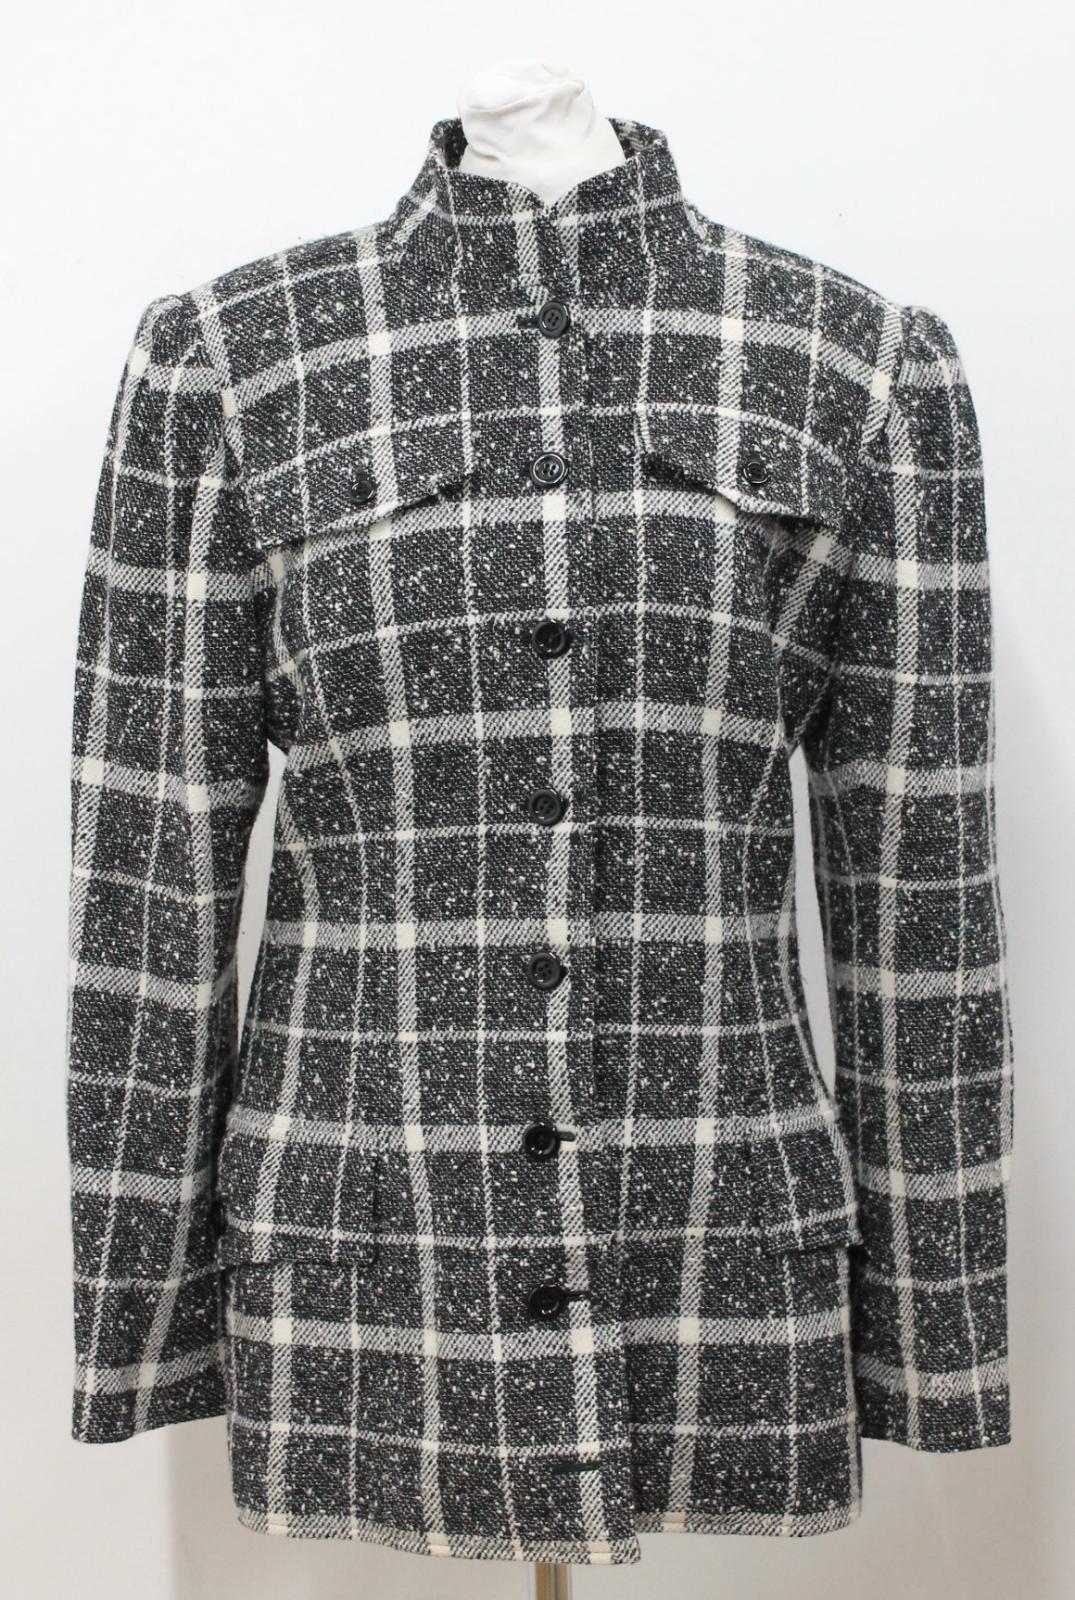 UNGARO-Ladies-Black-amp-White-Single-Breasted-Check-Blazer-Jacket-UK8-EU36